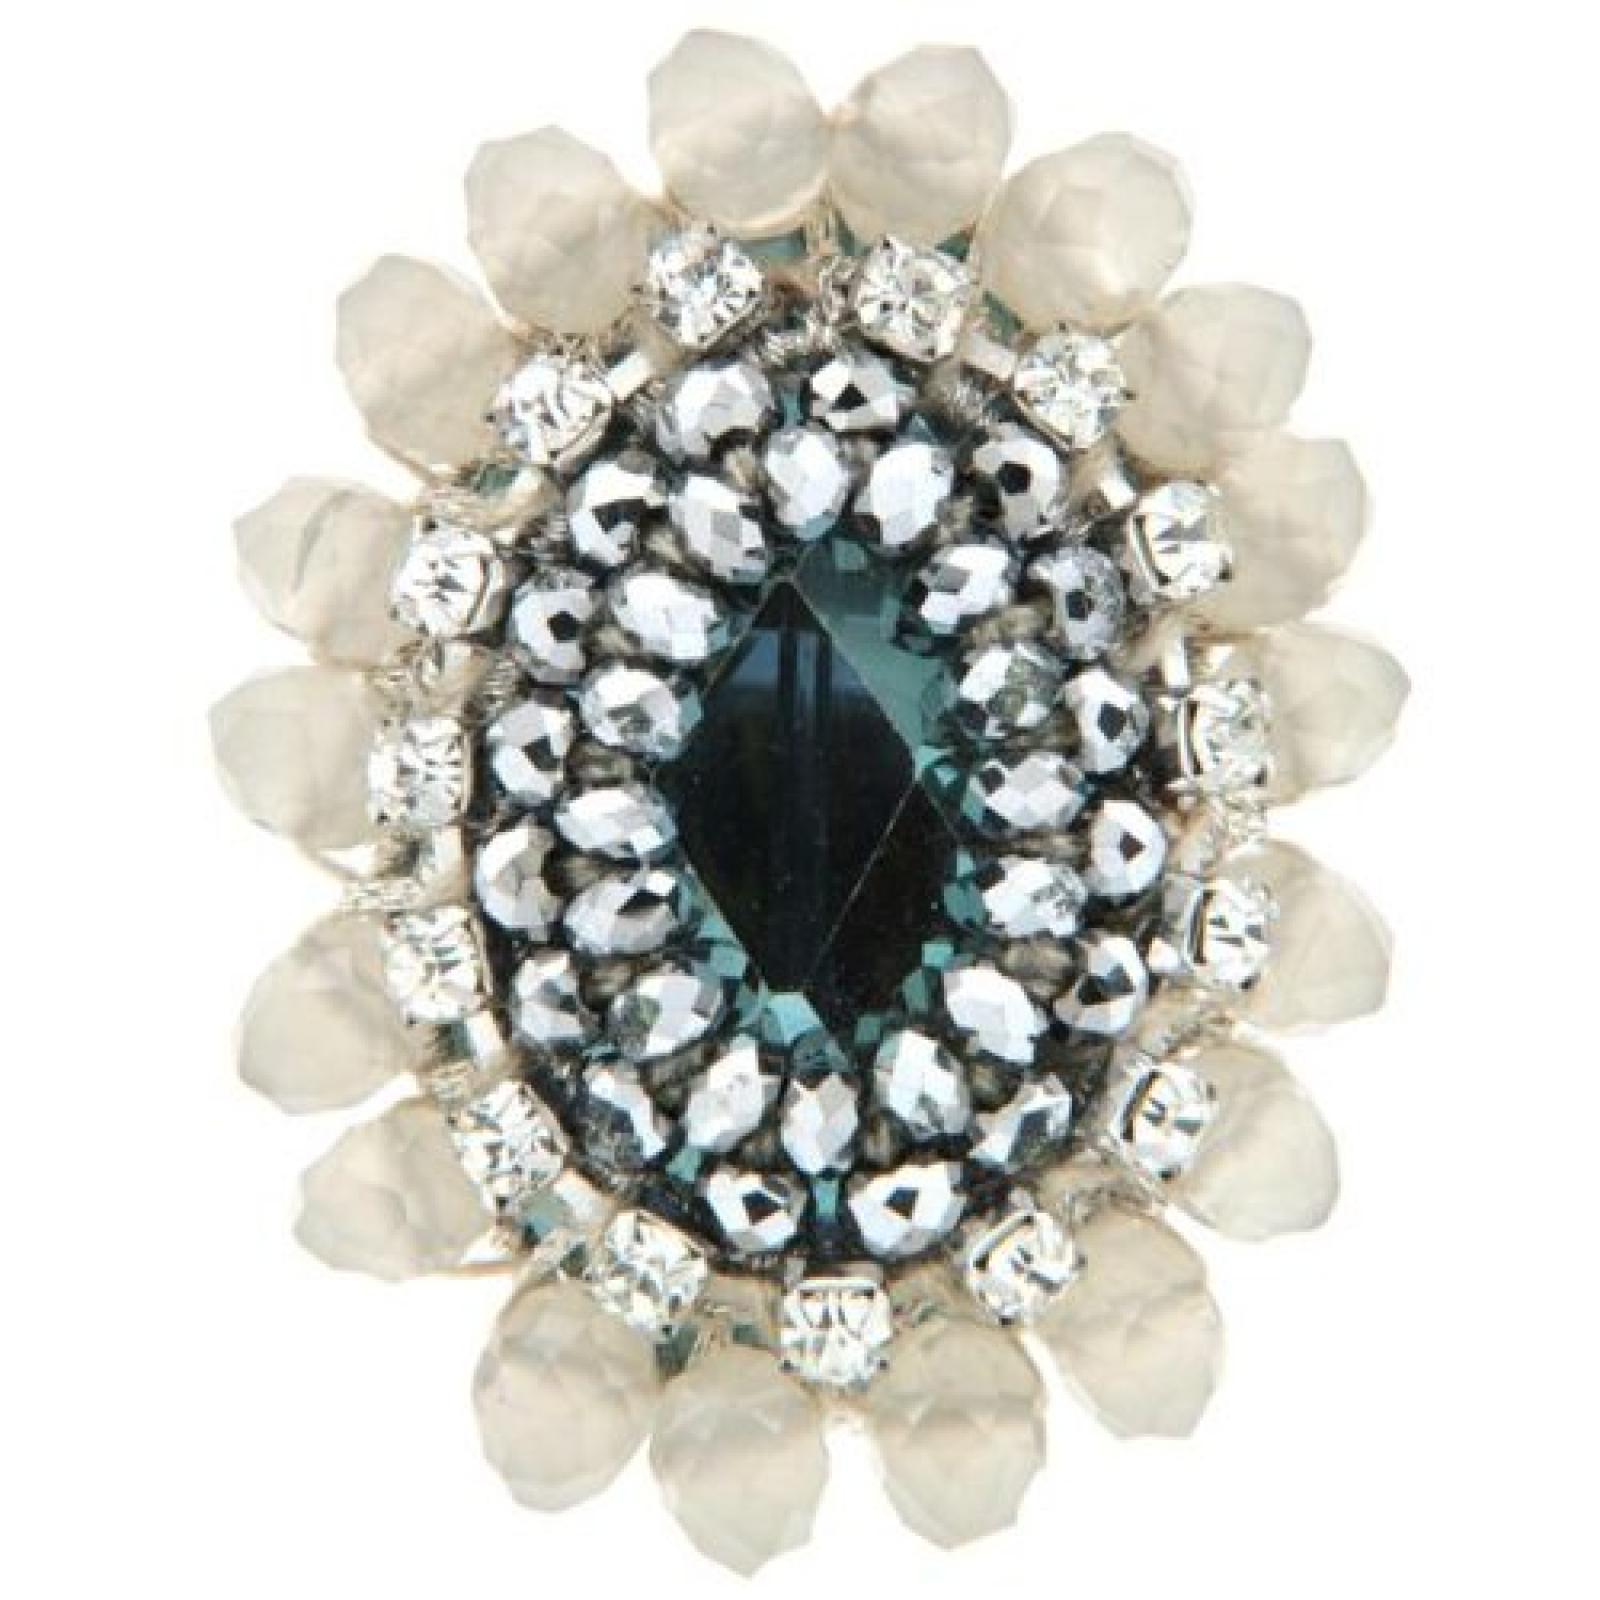 Sweet Deluxe Damen-Ring Metall rhodiniert Glas limette/Grau Gr. 2747